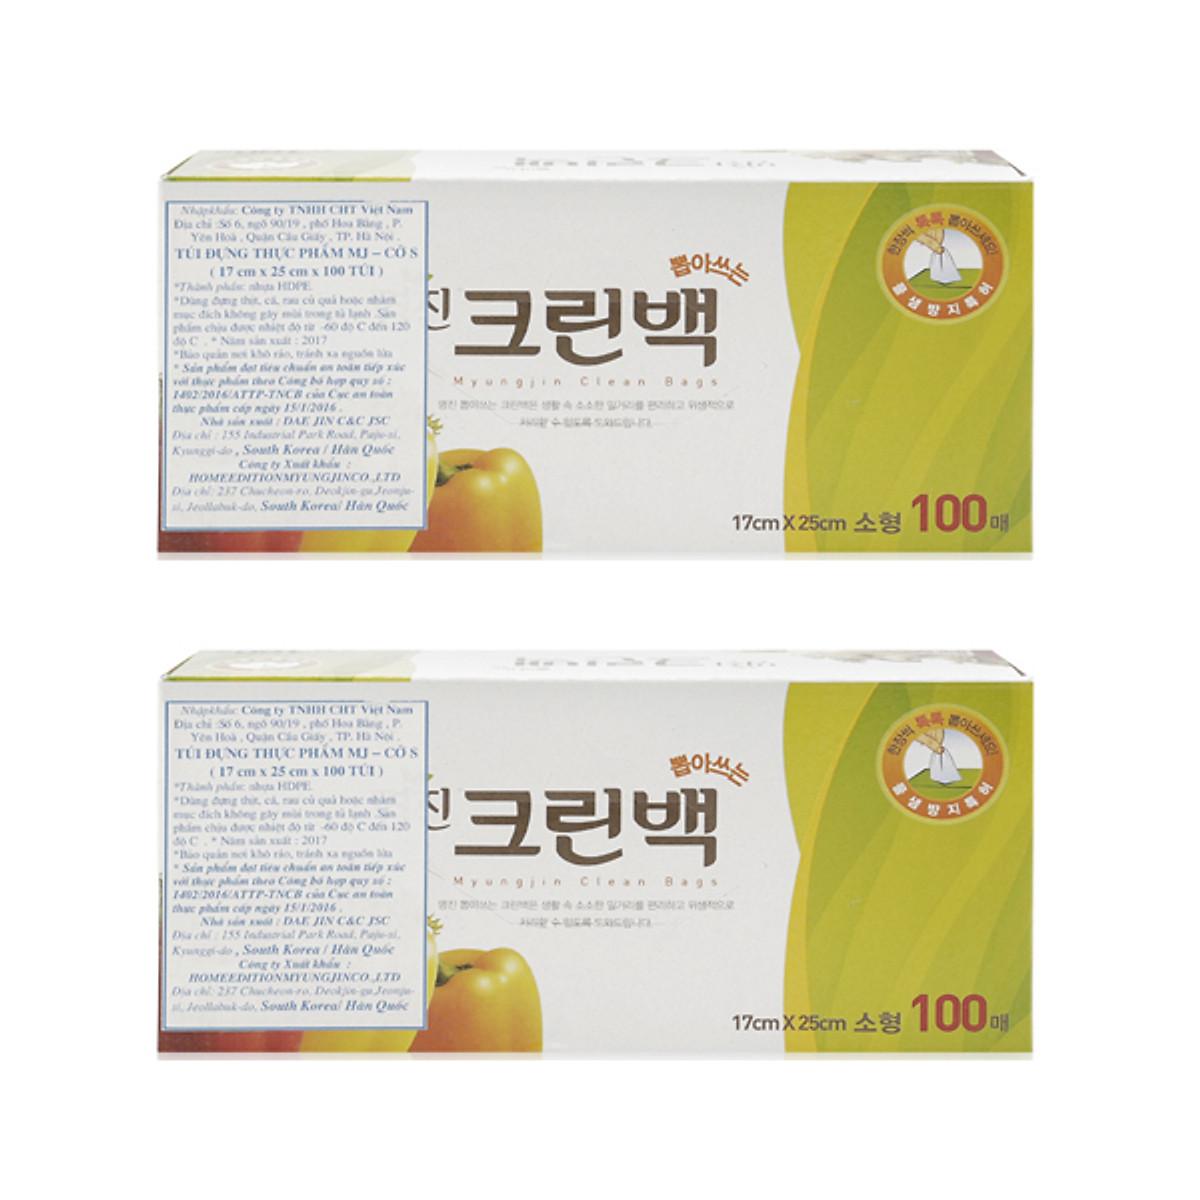 Hình đại diện sản phẩm Set 2 bộ 100 túi đựng thực phẩm Myungjin sinh học (size 17 x 25cm) cao cấp Hàn Quốc